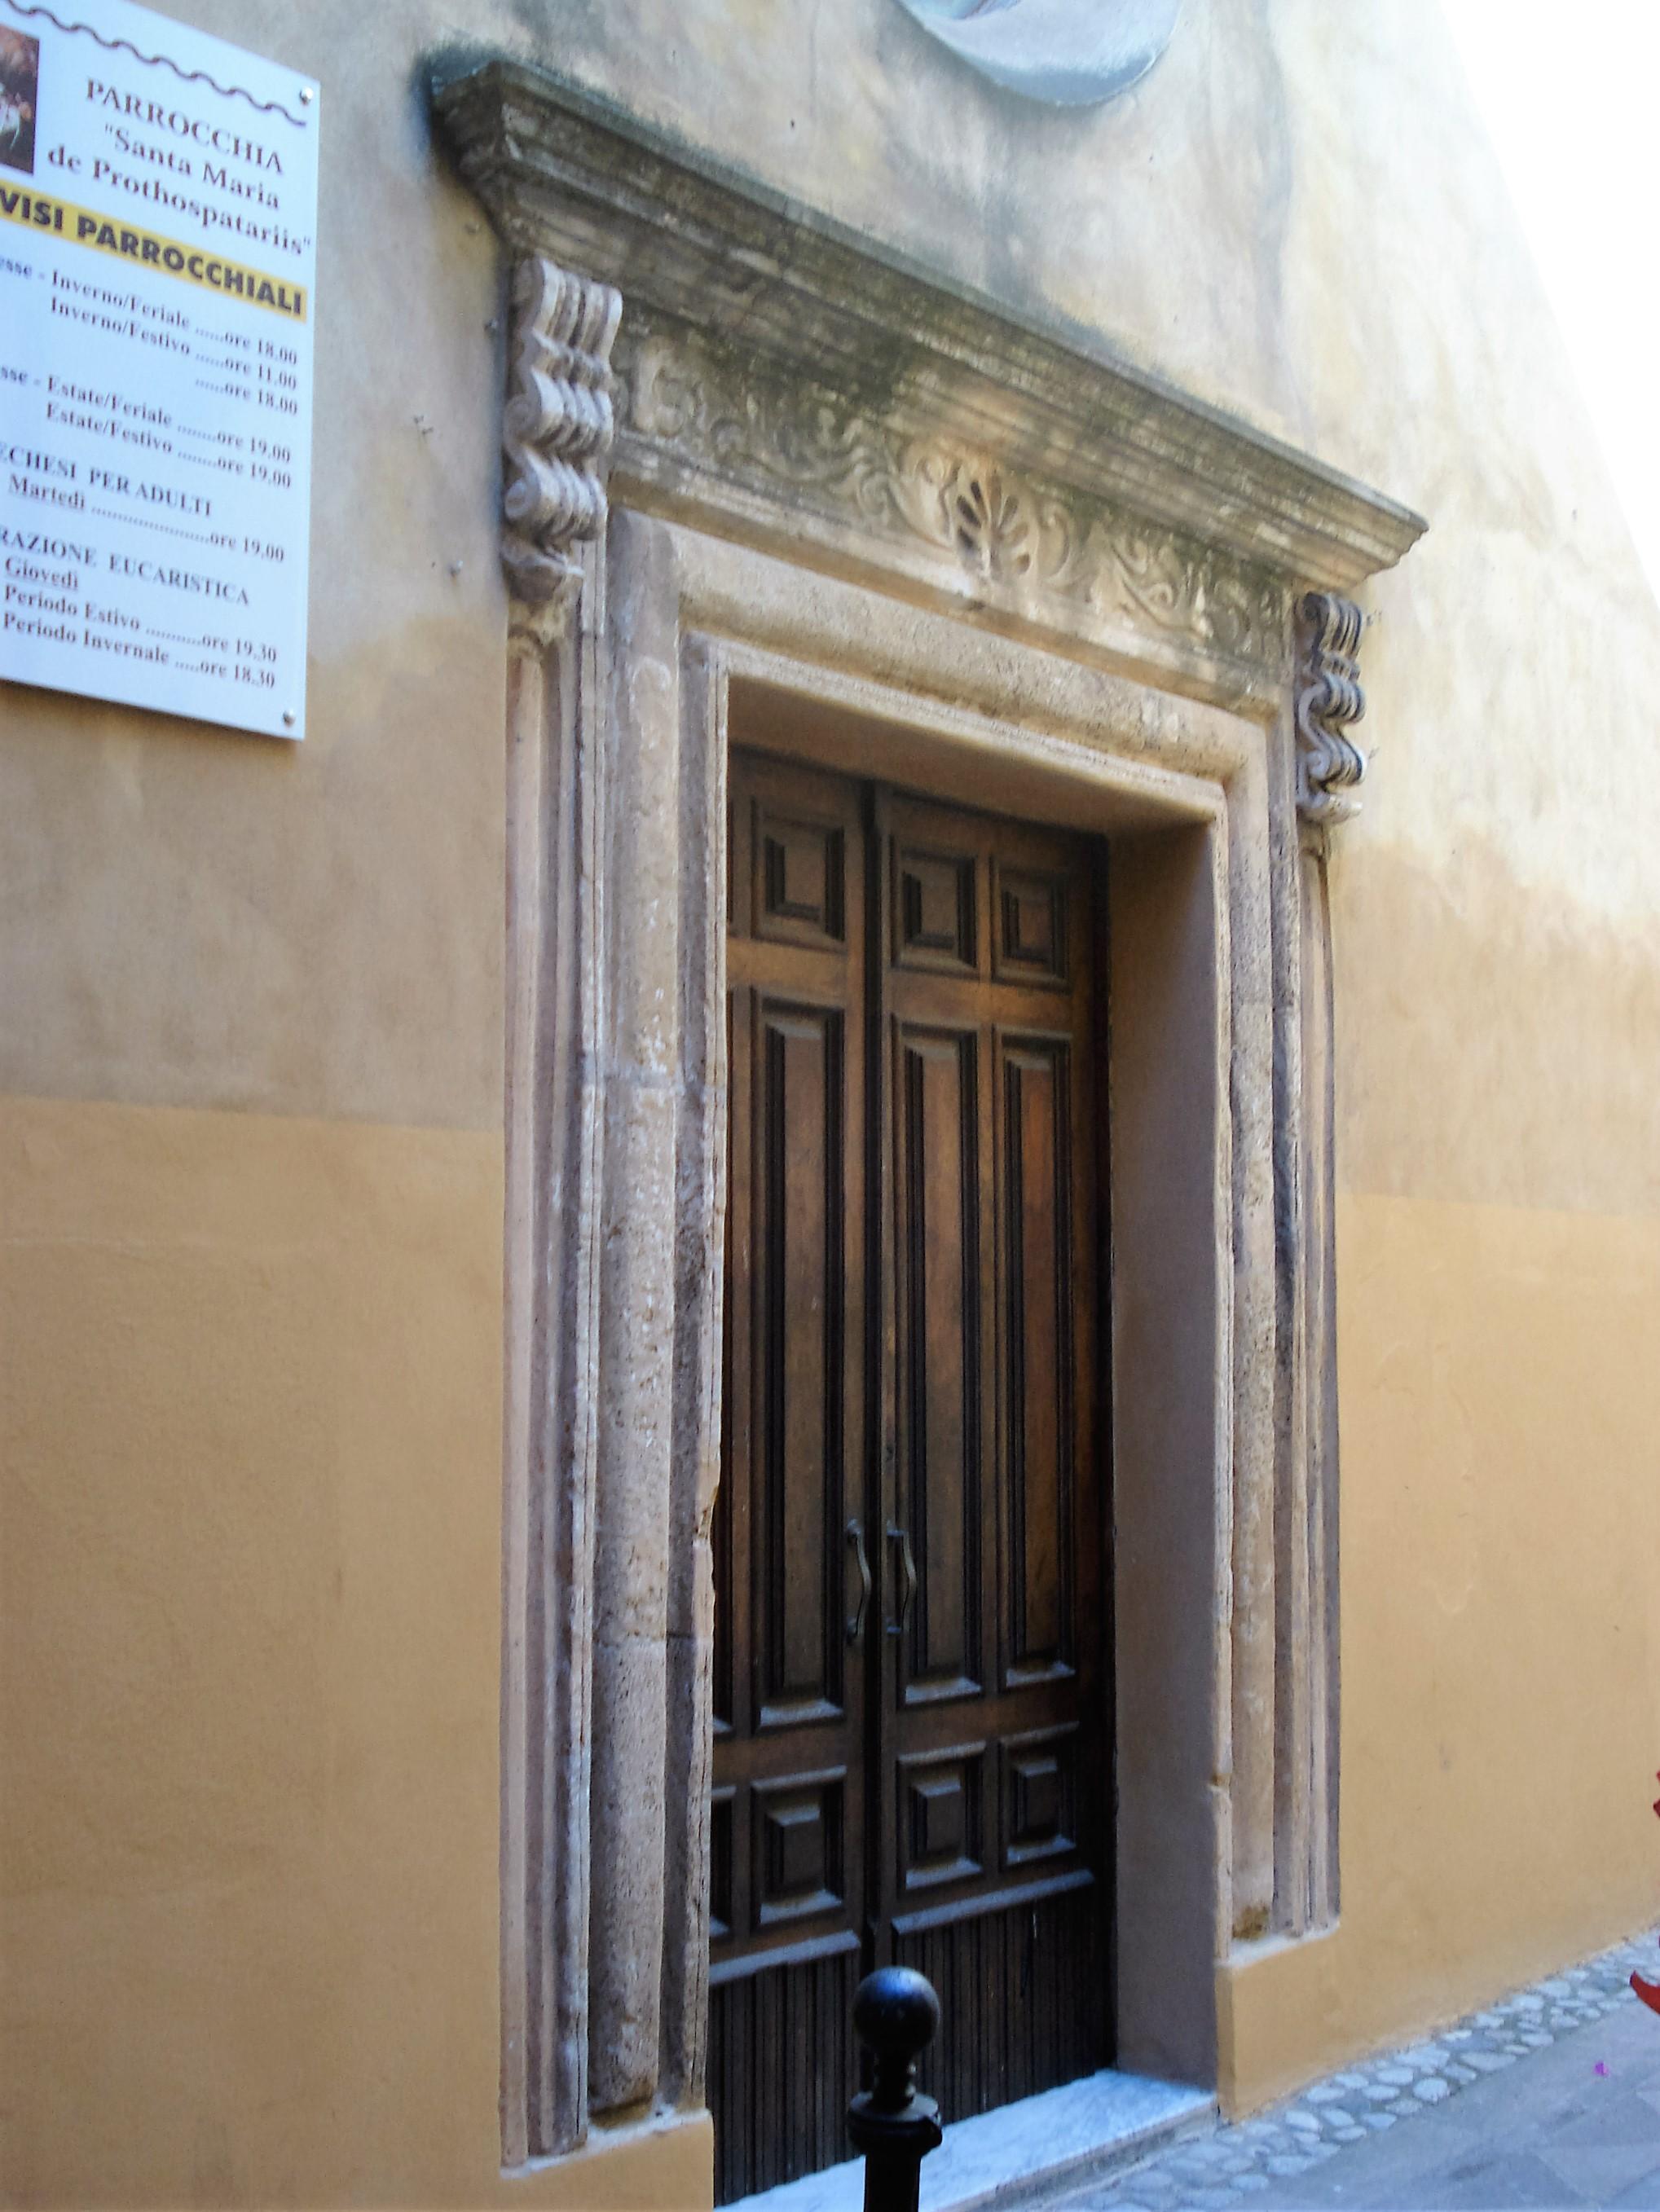 portale della chiesa di Santa Maria